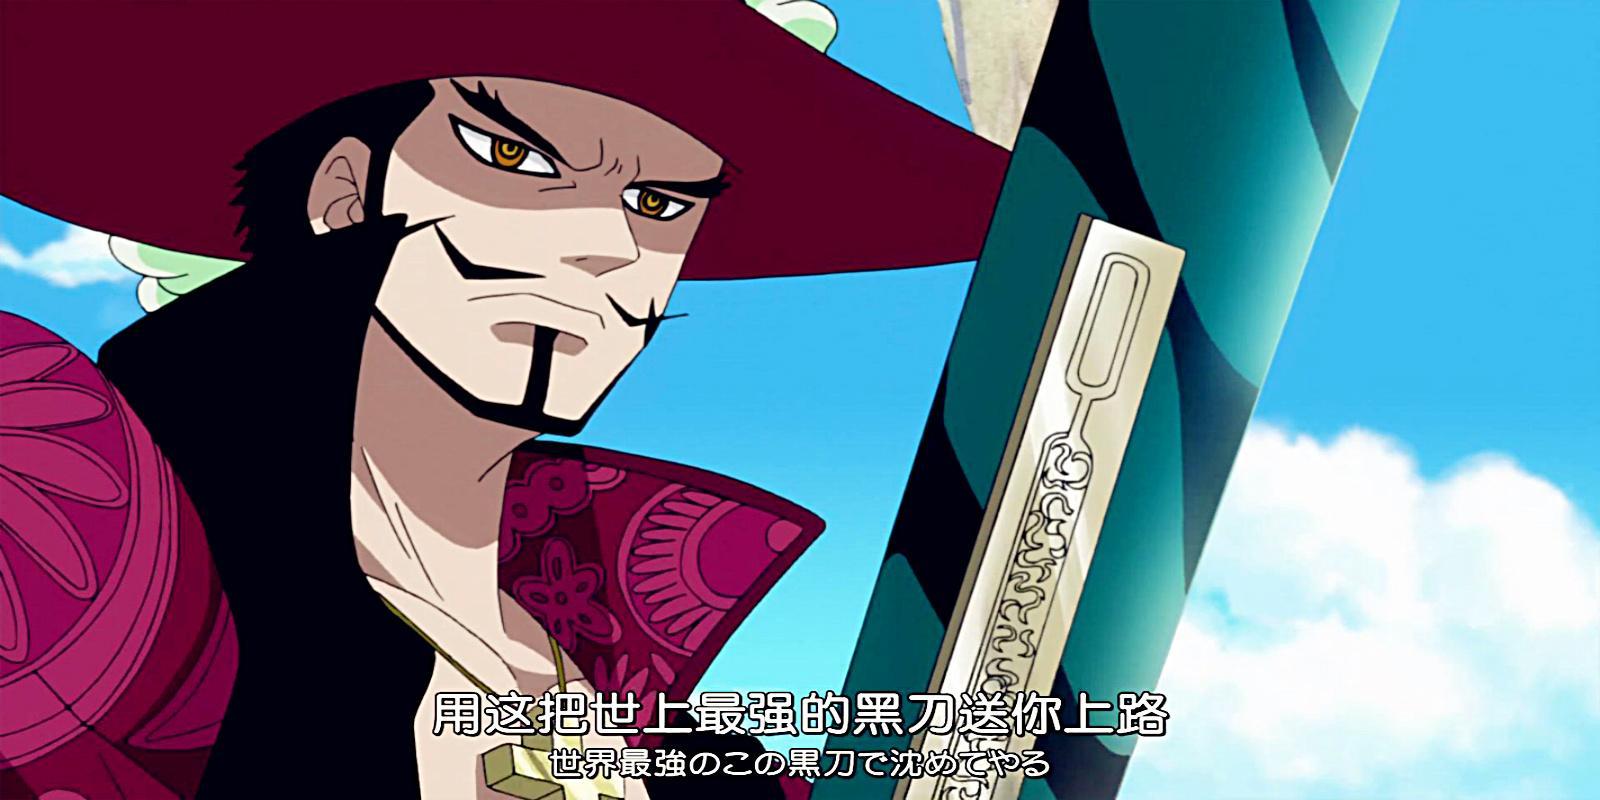 海賊王:有可能成為黑刀的5大名刀,閻魔能注定吸收武裝色霸氣